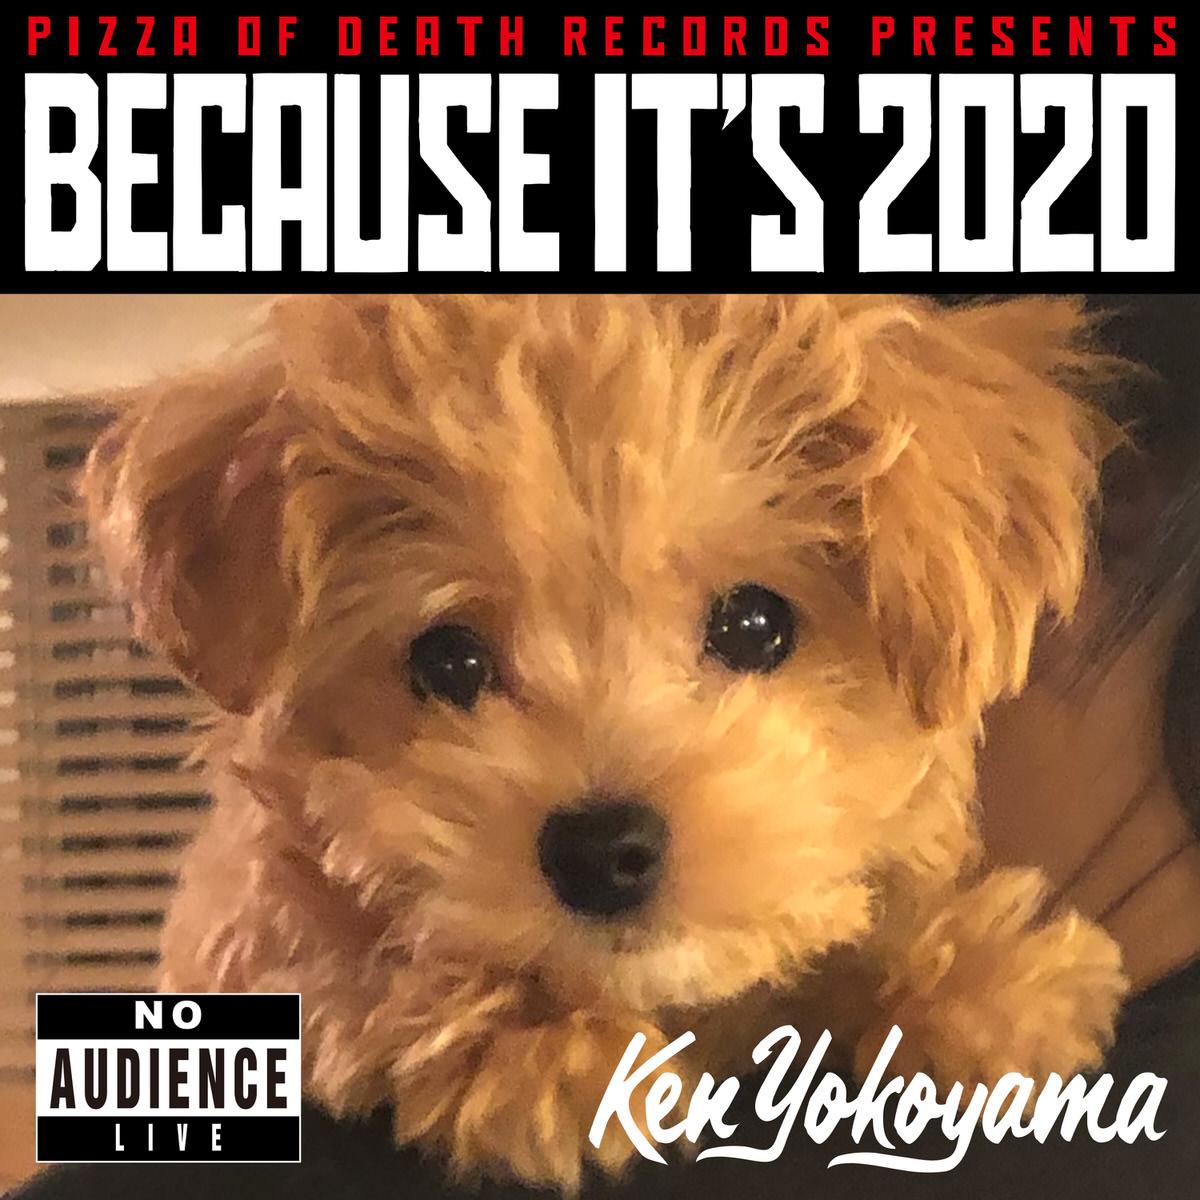 BECAUSE IT'S 2020 / Ken Yokoyama ジャケット画像